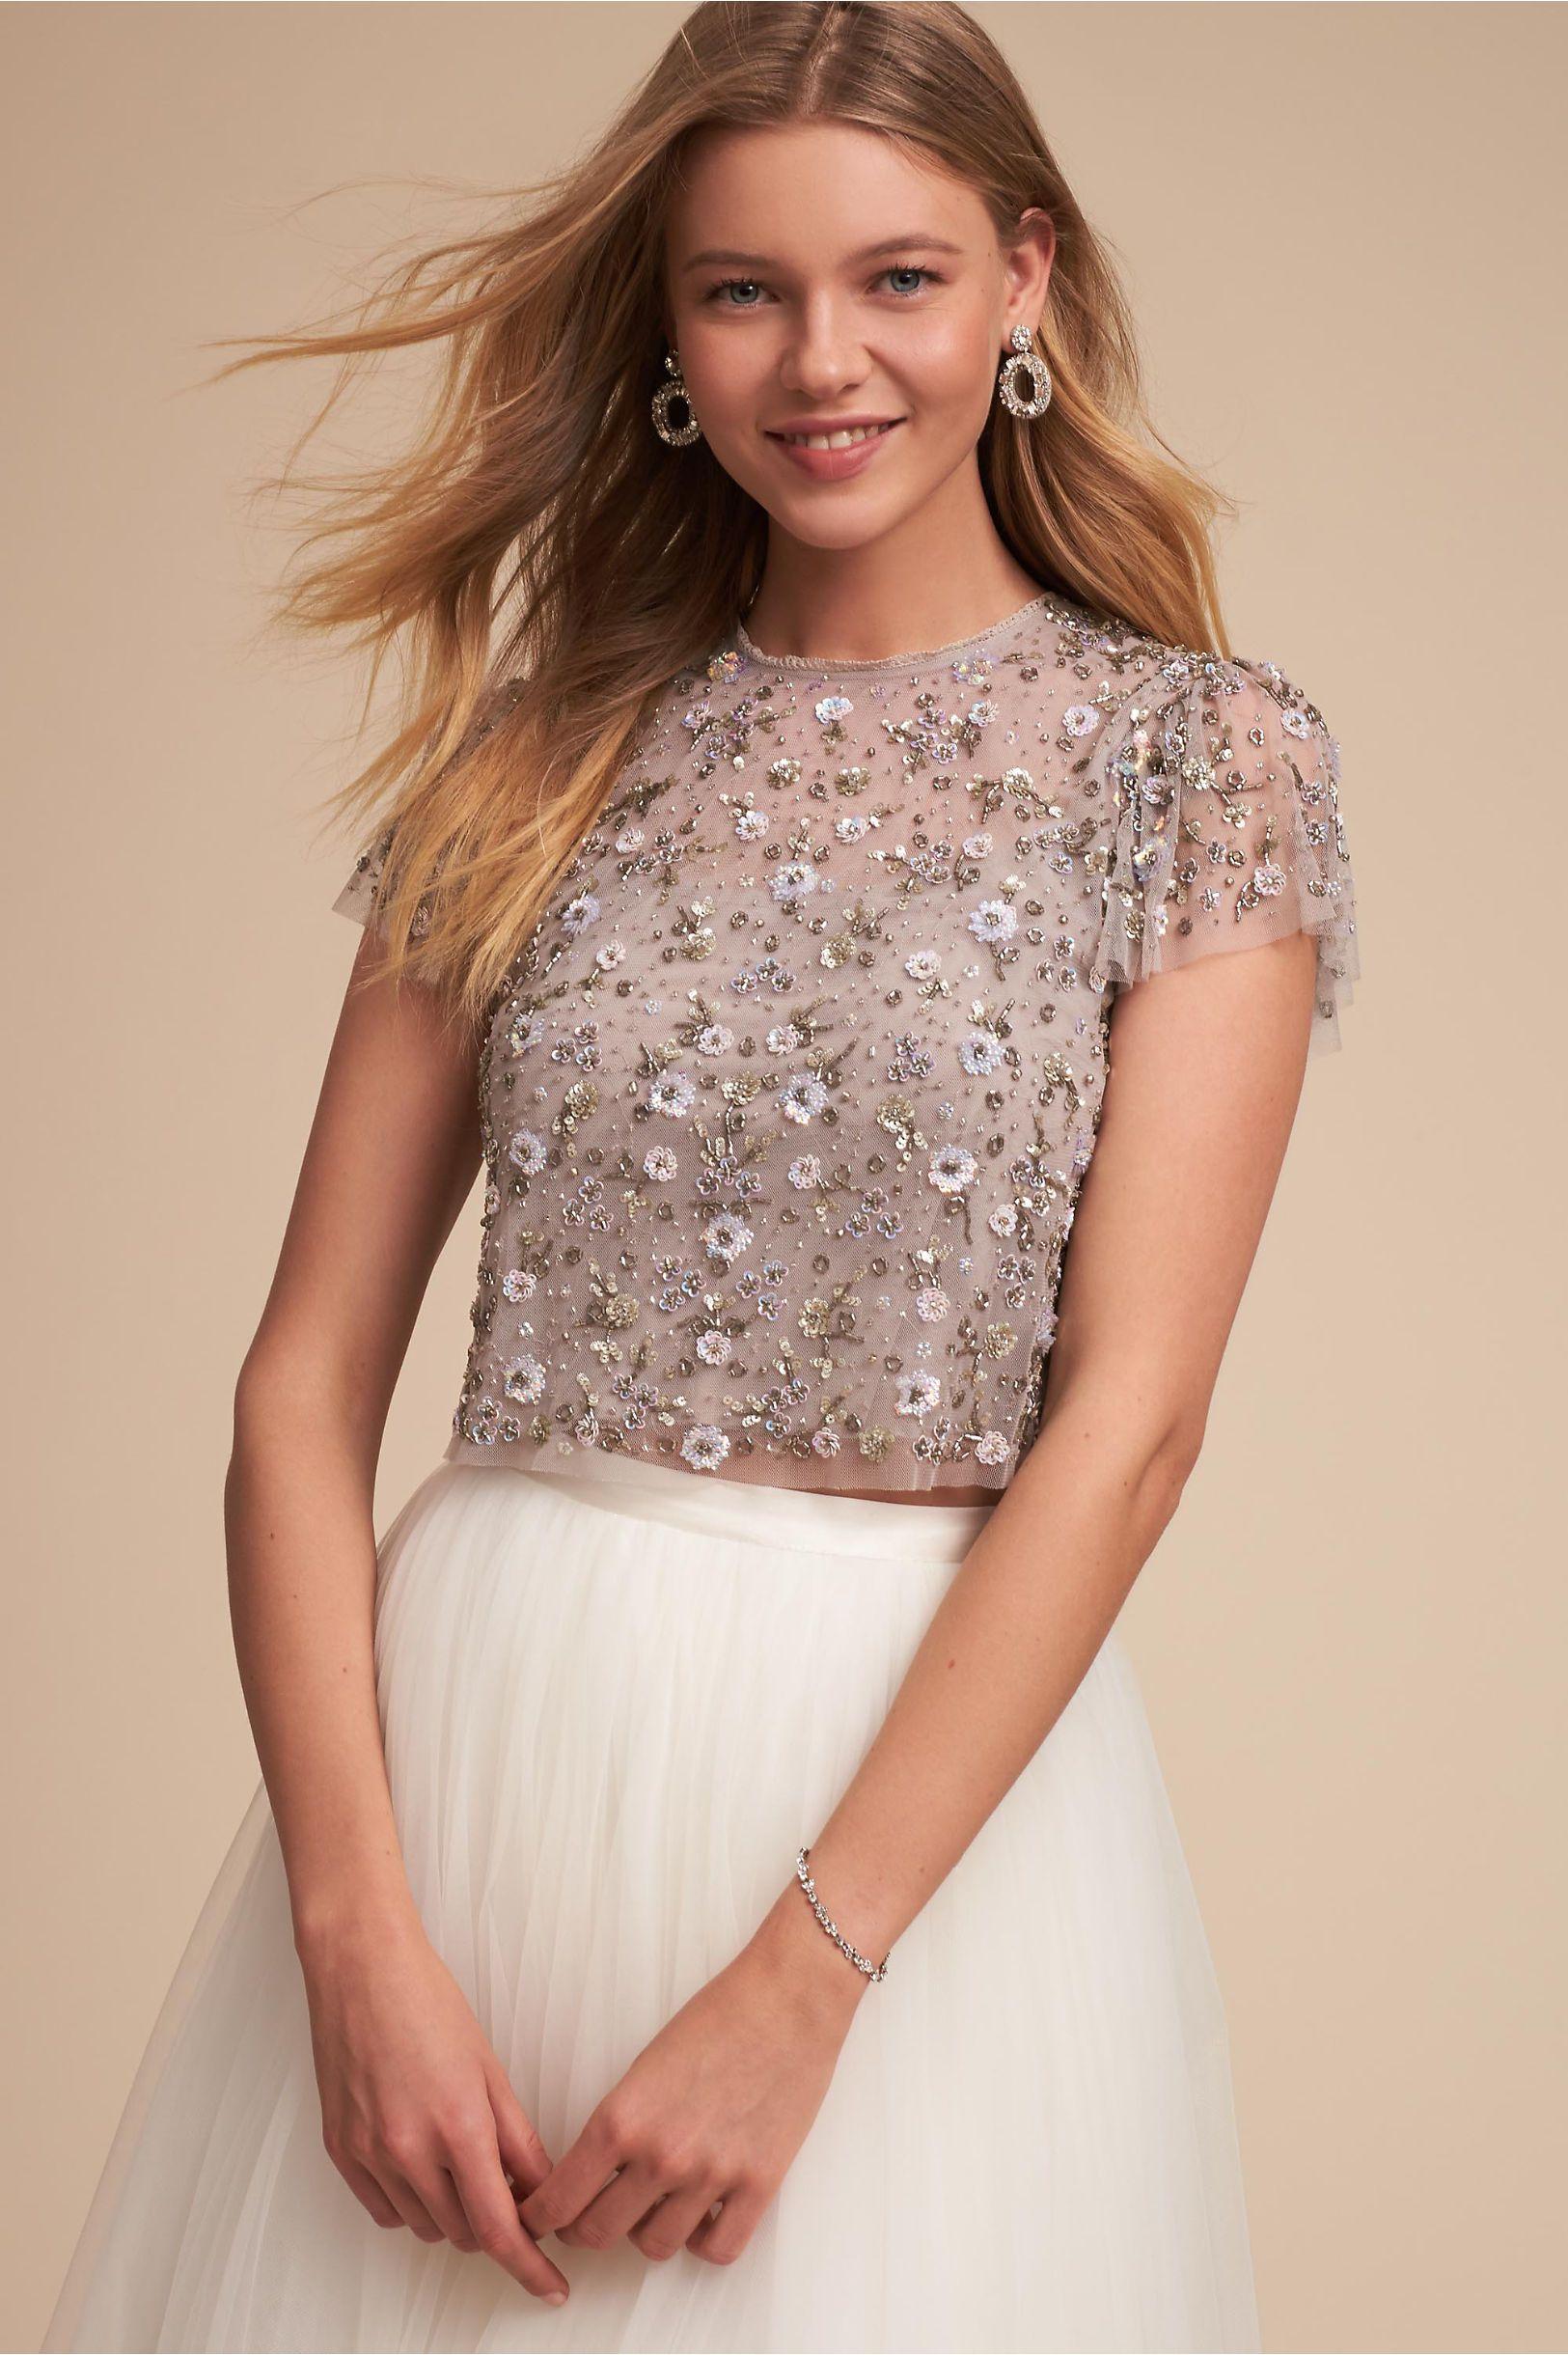 Comet Top  Engagement Party Dresses  Pinterest  Weddings